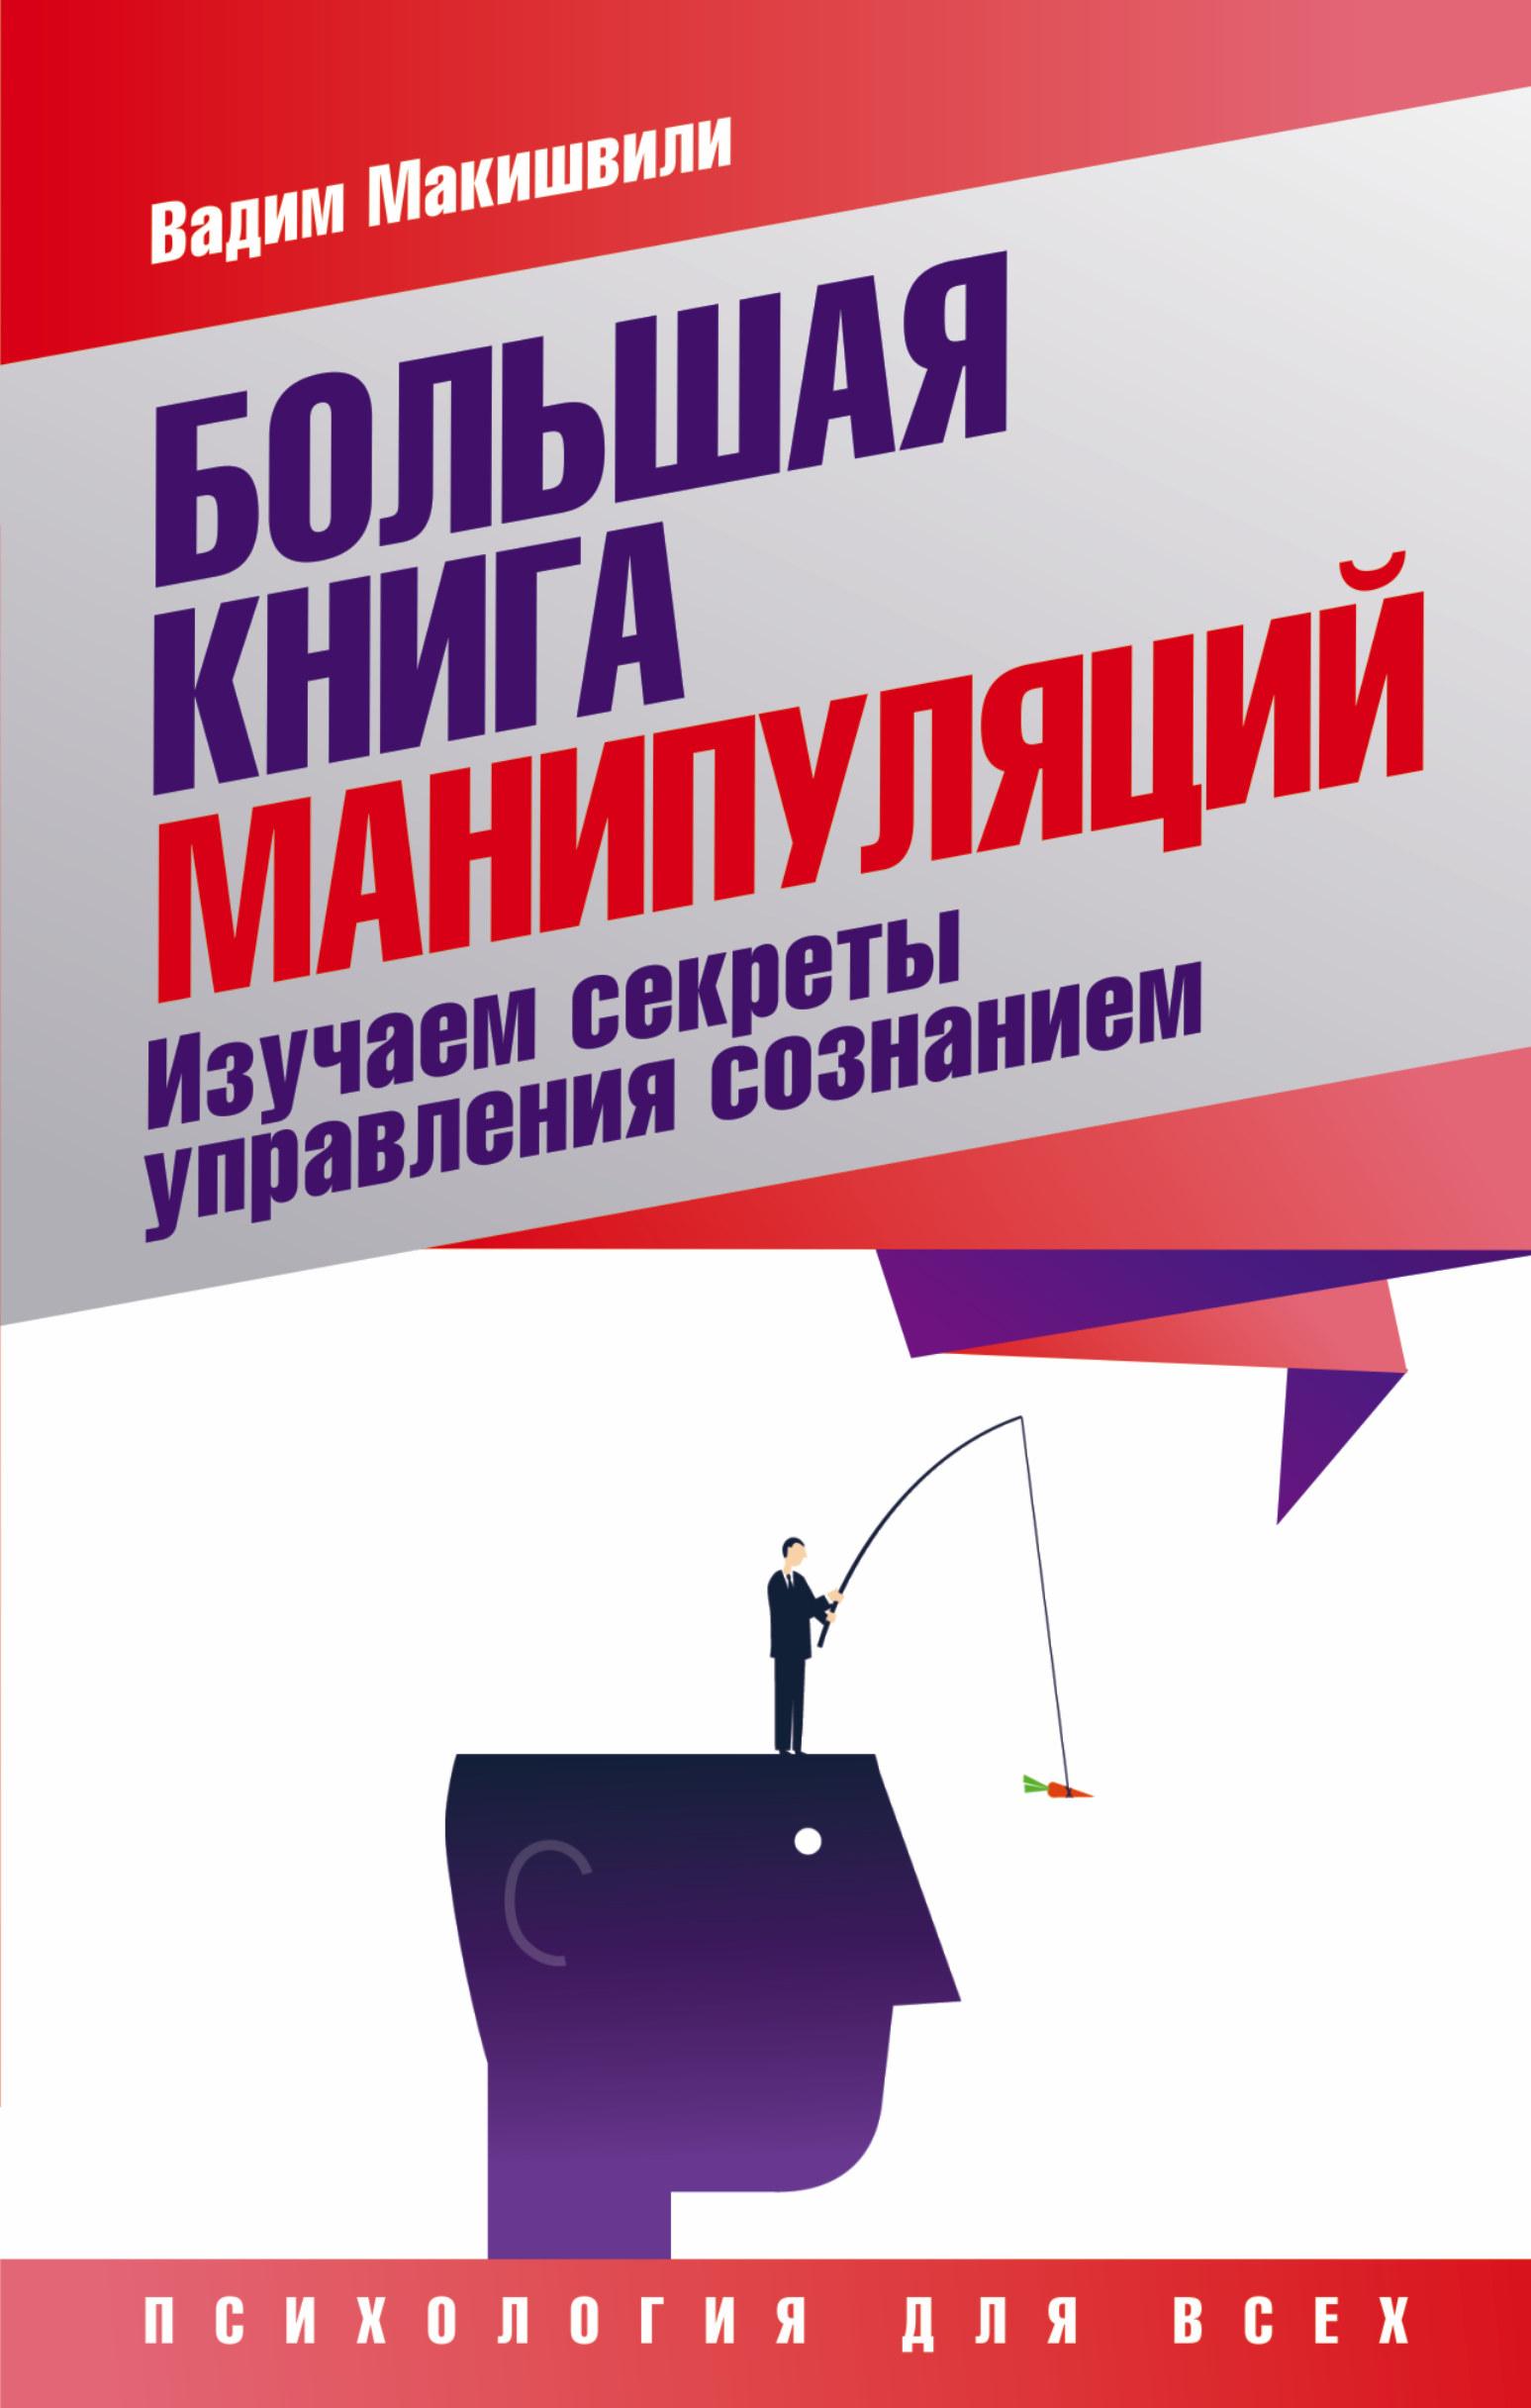 Большая книга манипуляций. Изучаем секреты управления сознанием